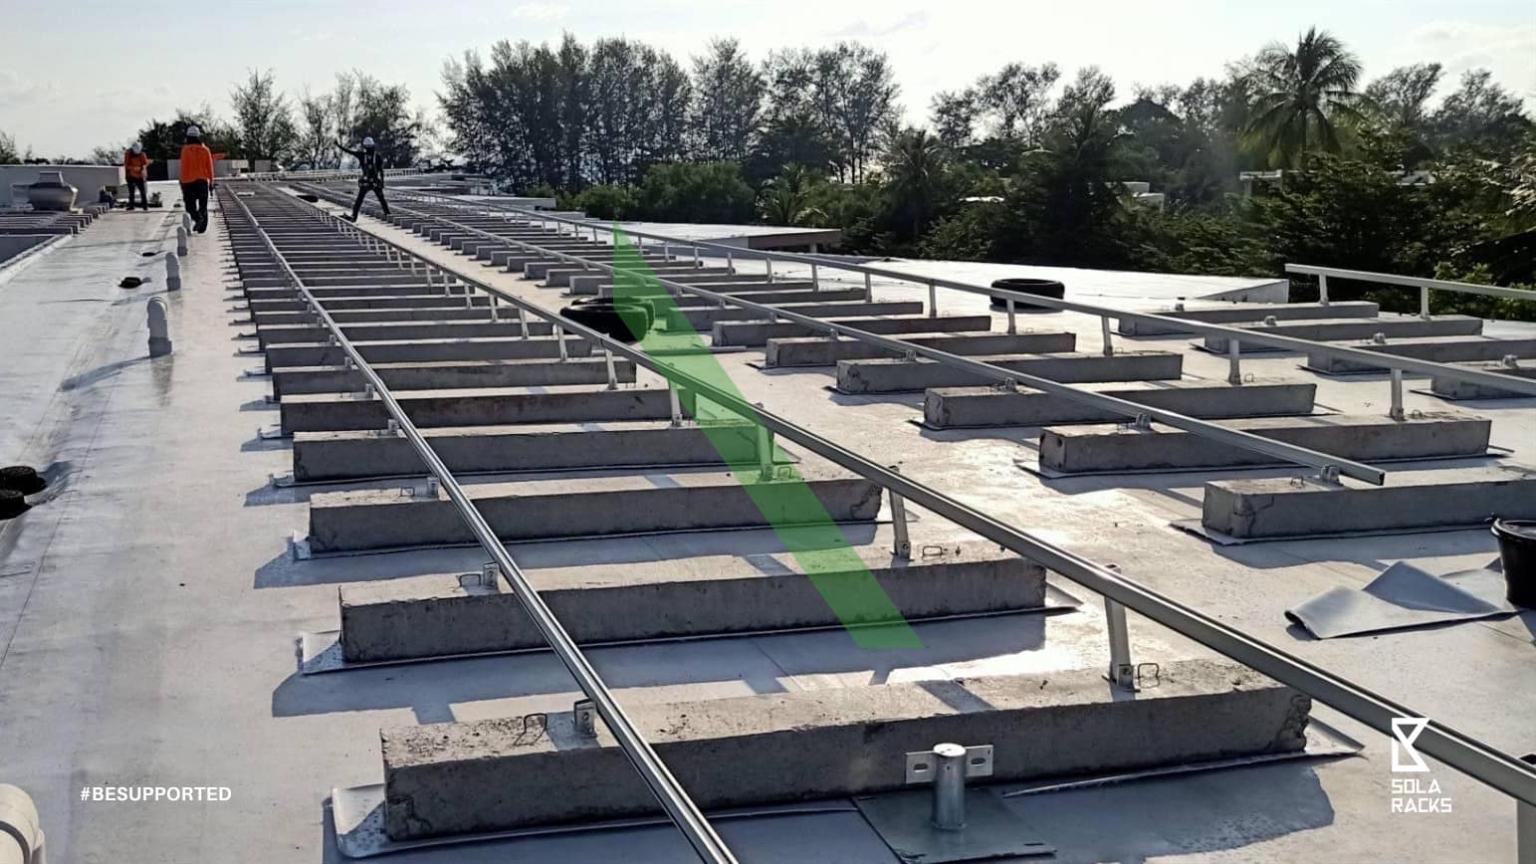 Adjustable tilt flat roof mount, adjustable angle flat roof mounting system, adjustable flat roof racking, flat roof mounting system, telescopic leg mounting system, Solaracks Telescopic mounting system